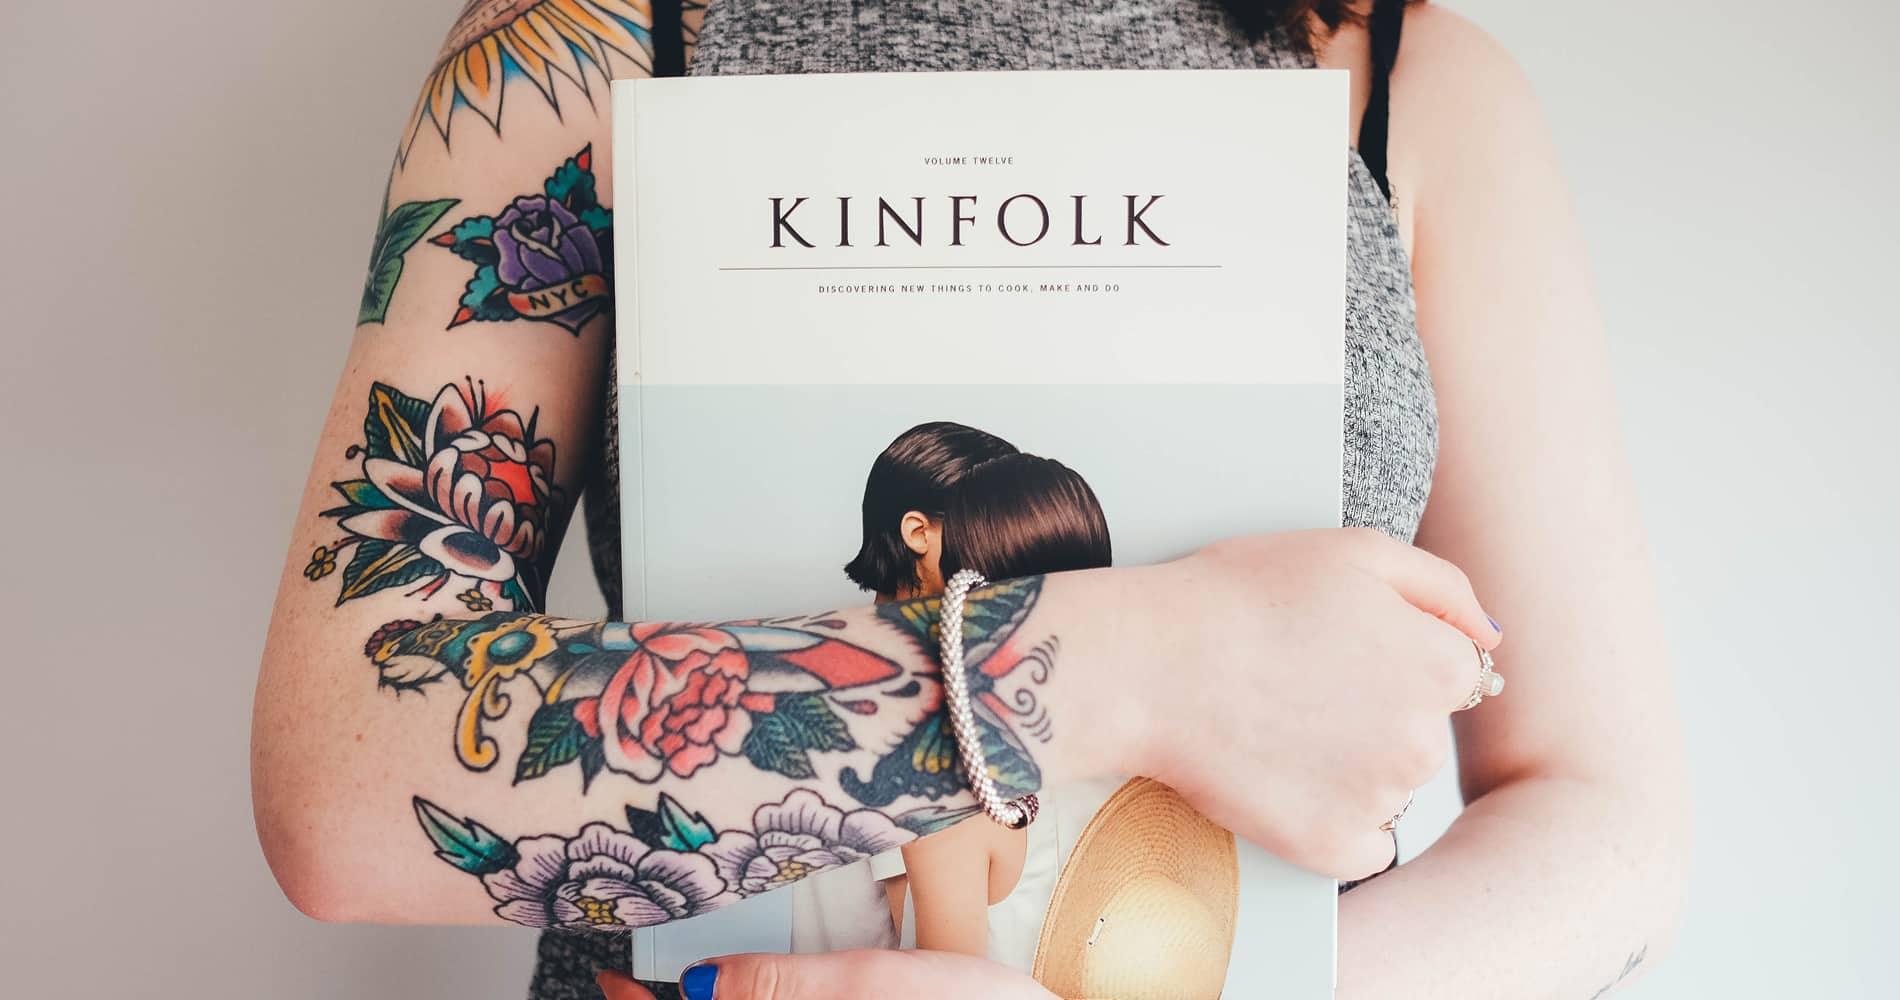 Maiores tendências de tatuagem entre as mulheres em 2017